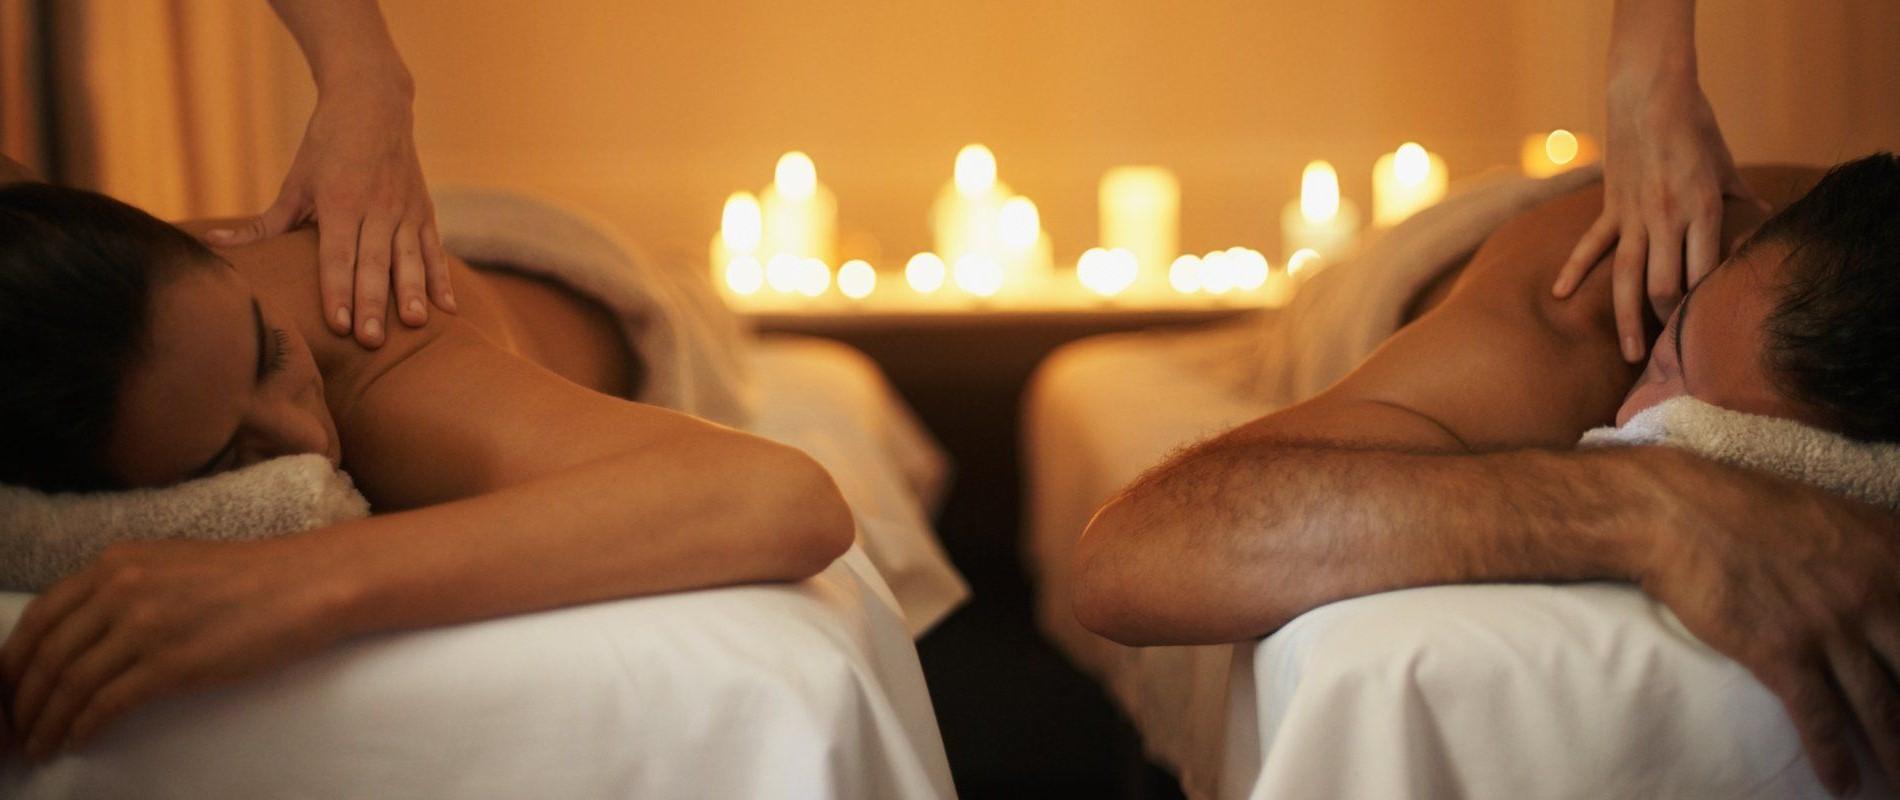 Transformez votre maison en salon de massage. Prenez soin de votre partenaire à tour de rôle avec un soin spa sensuel.